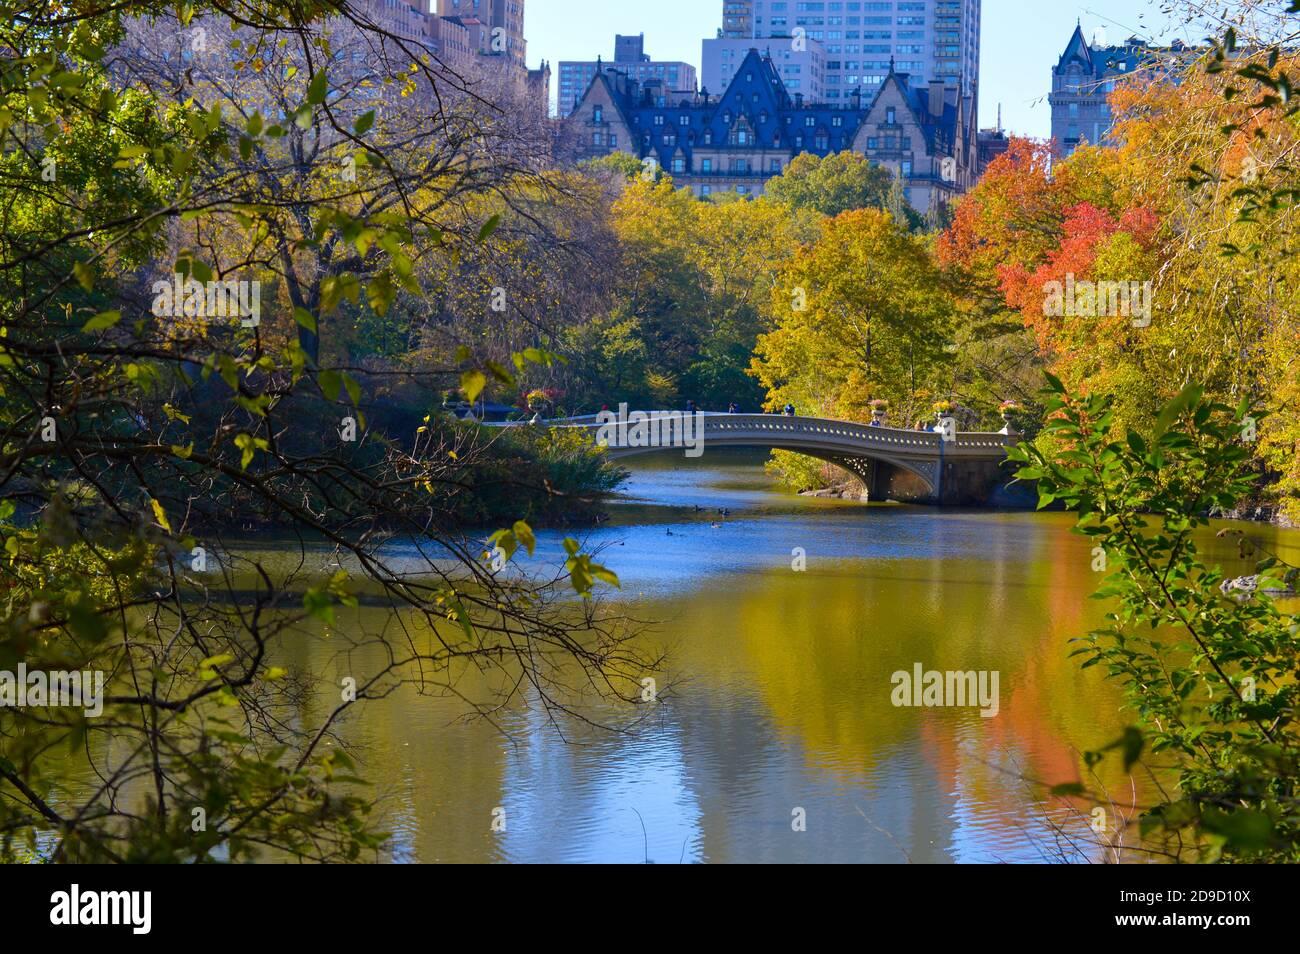 Autunno fogliame a Central Park a New York City il 4 novembre 2020. Foto Stock